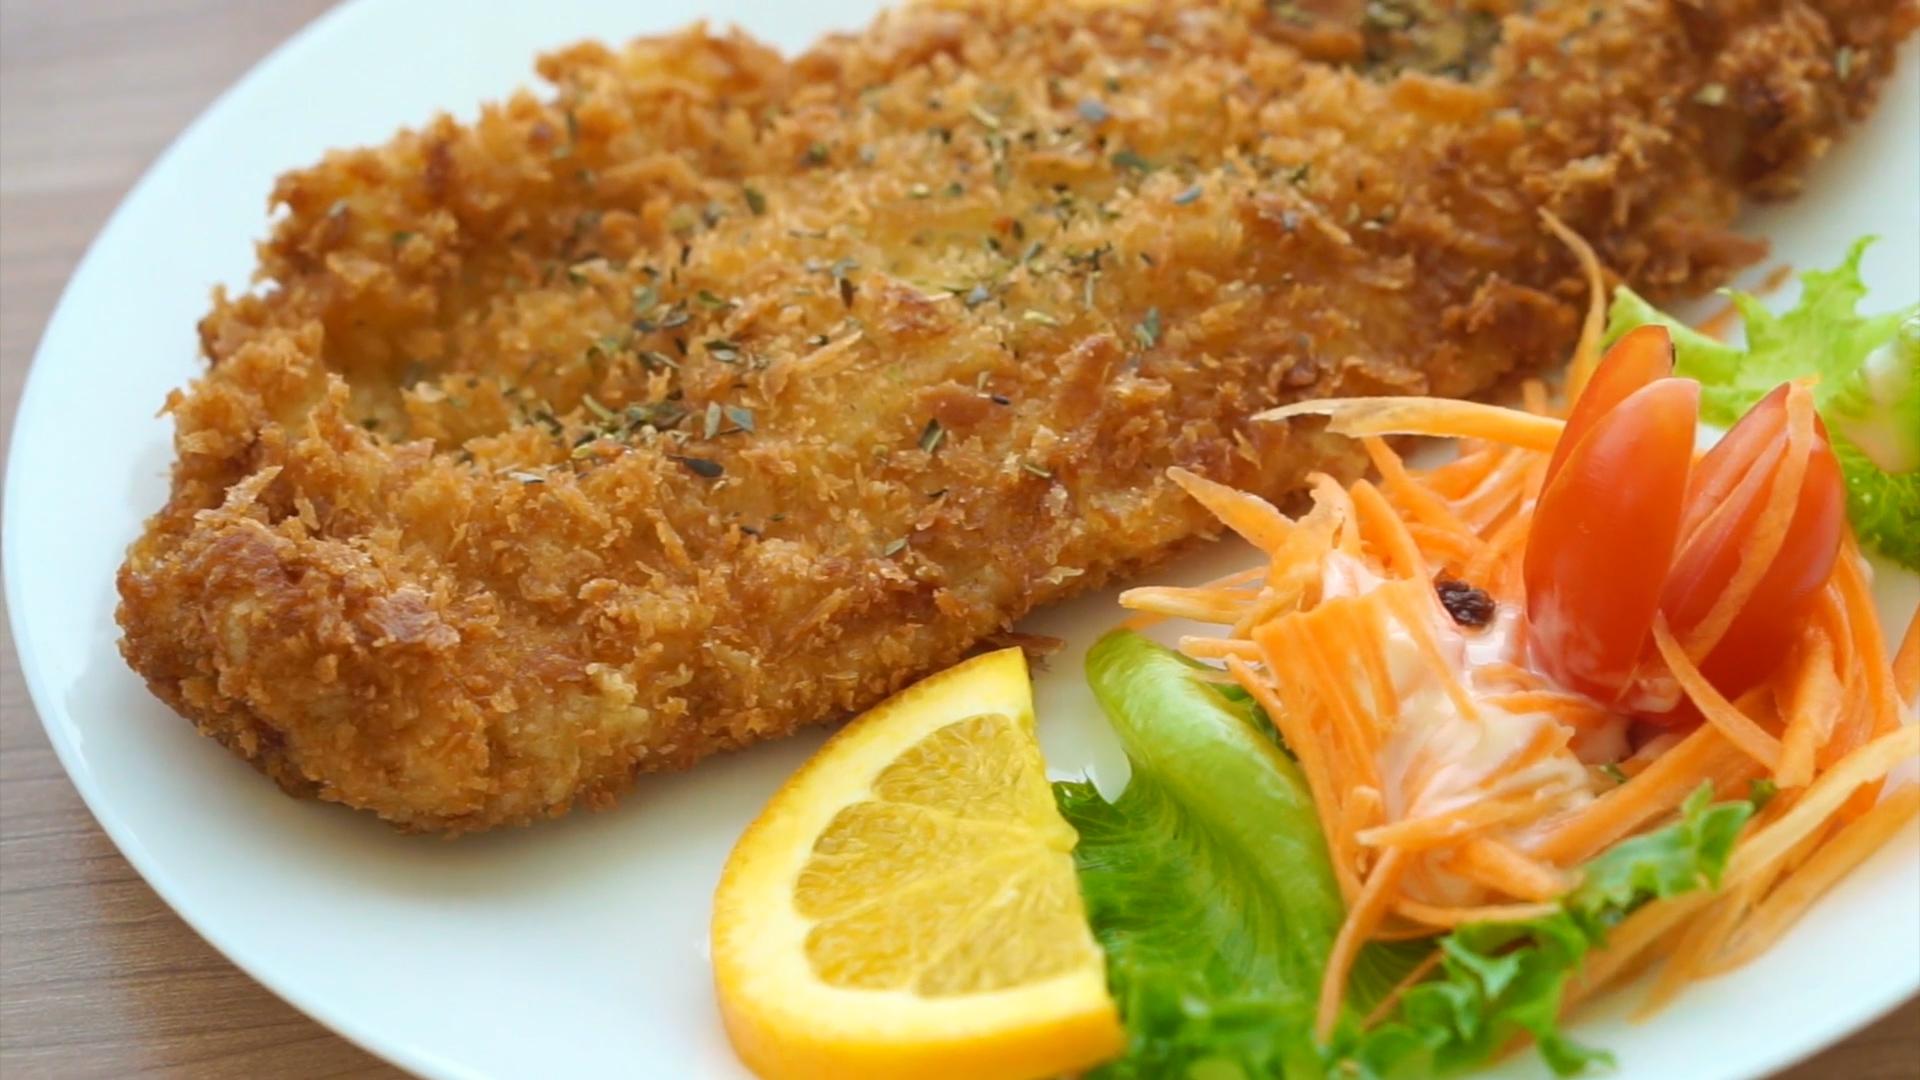 Ryby najbardziej skażone rtęcią